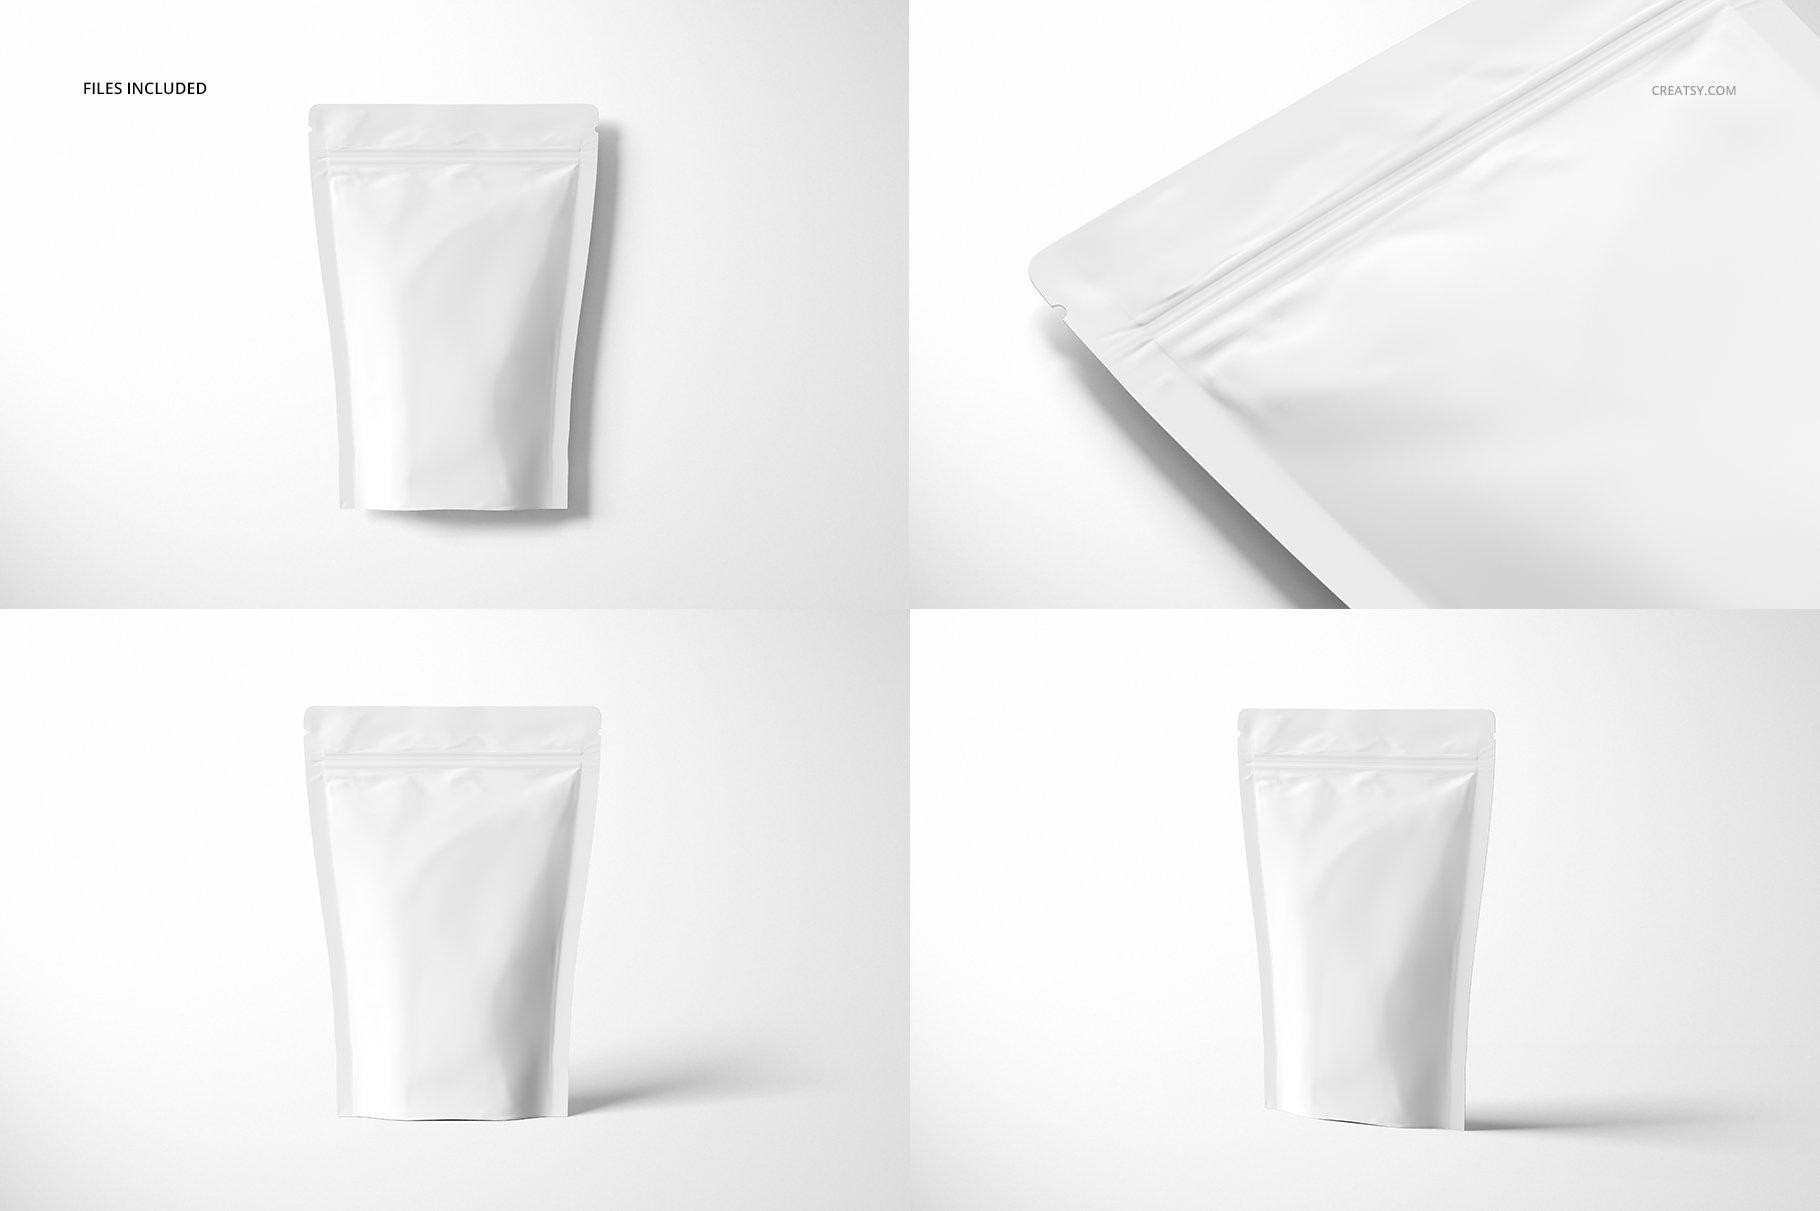 简约立式拉链锁食品自封袋塑料袋设计展示样机合集 Stand Up Pouch (mat) Mockup Set插图(3)